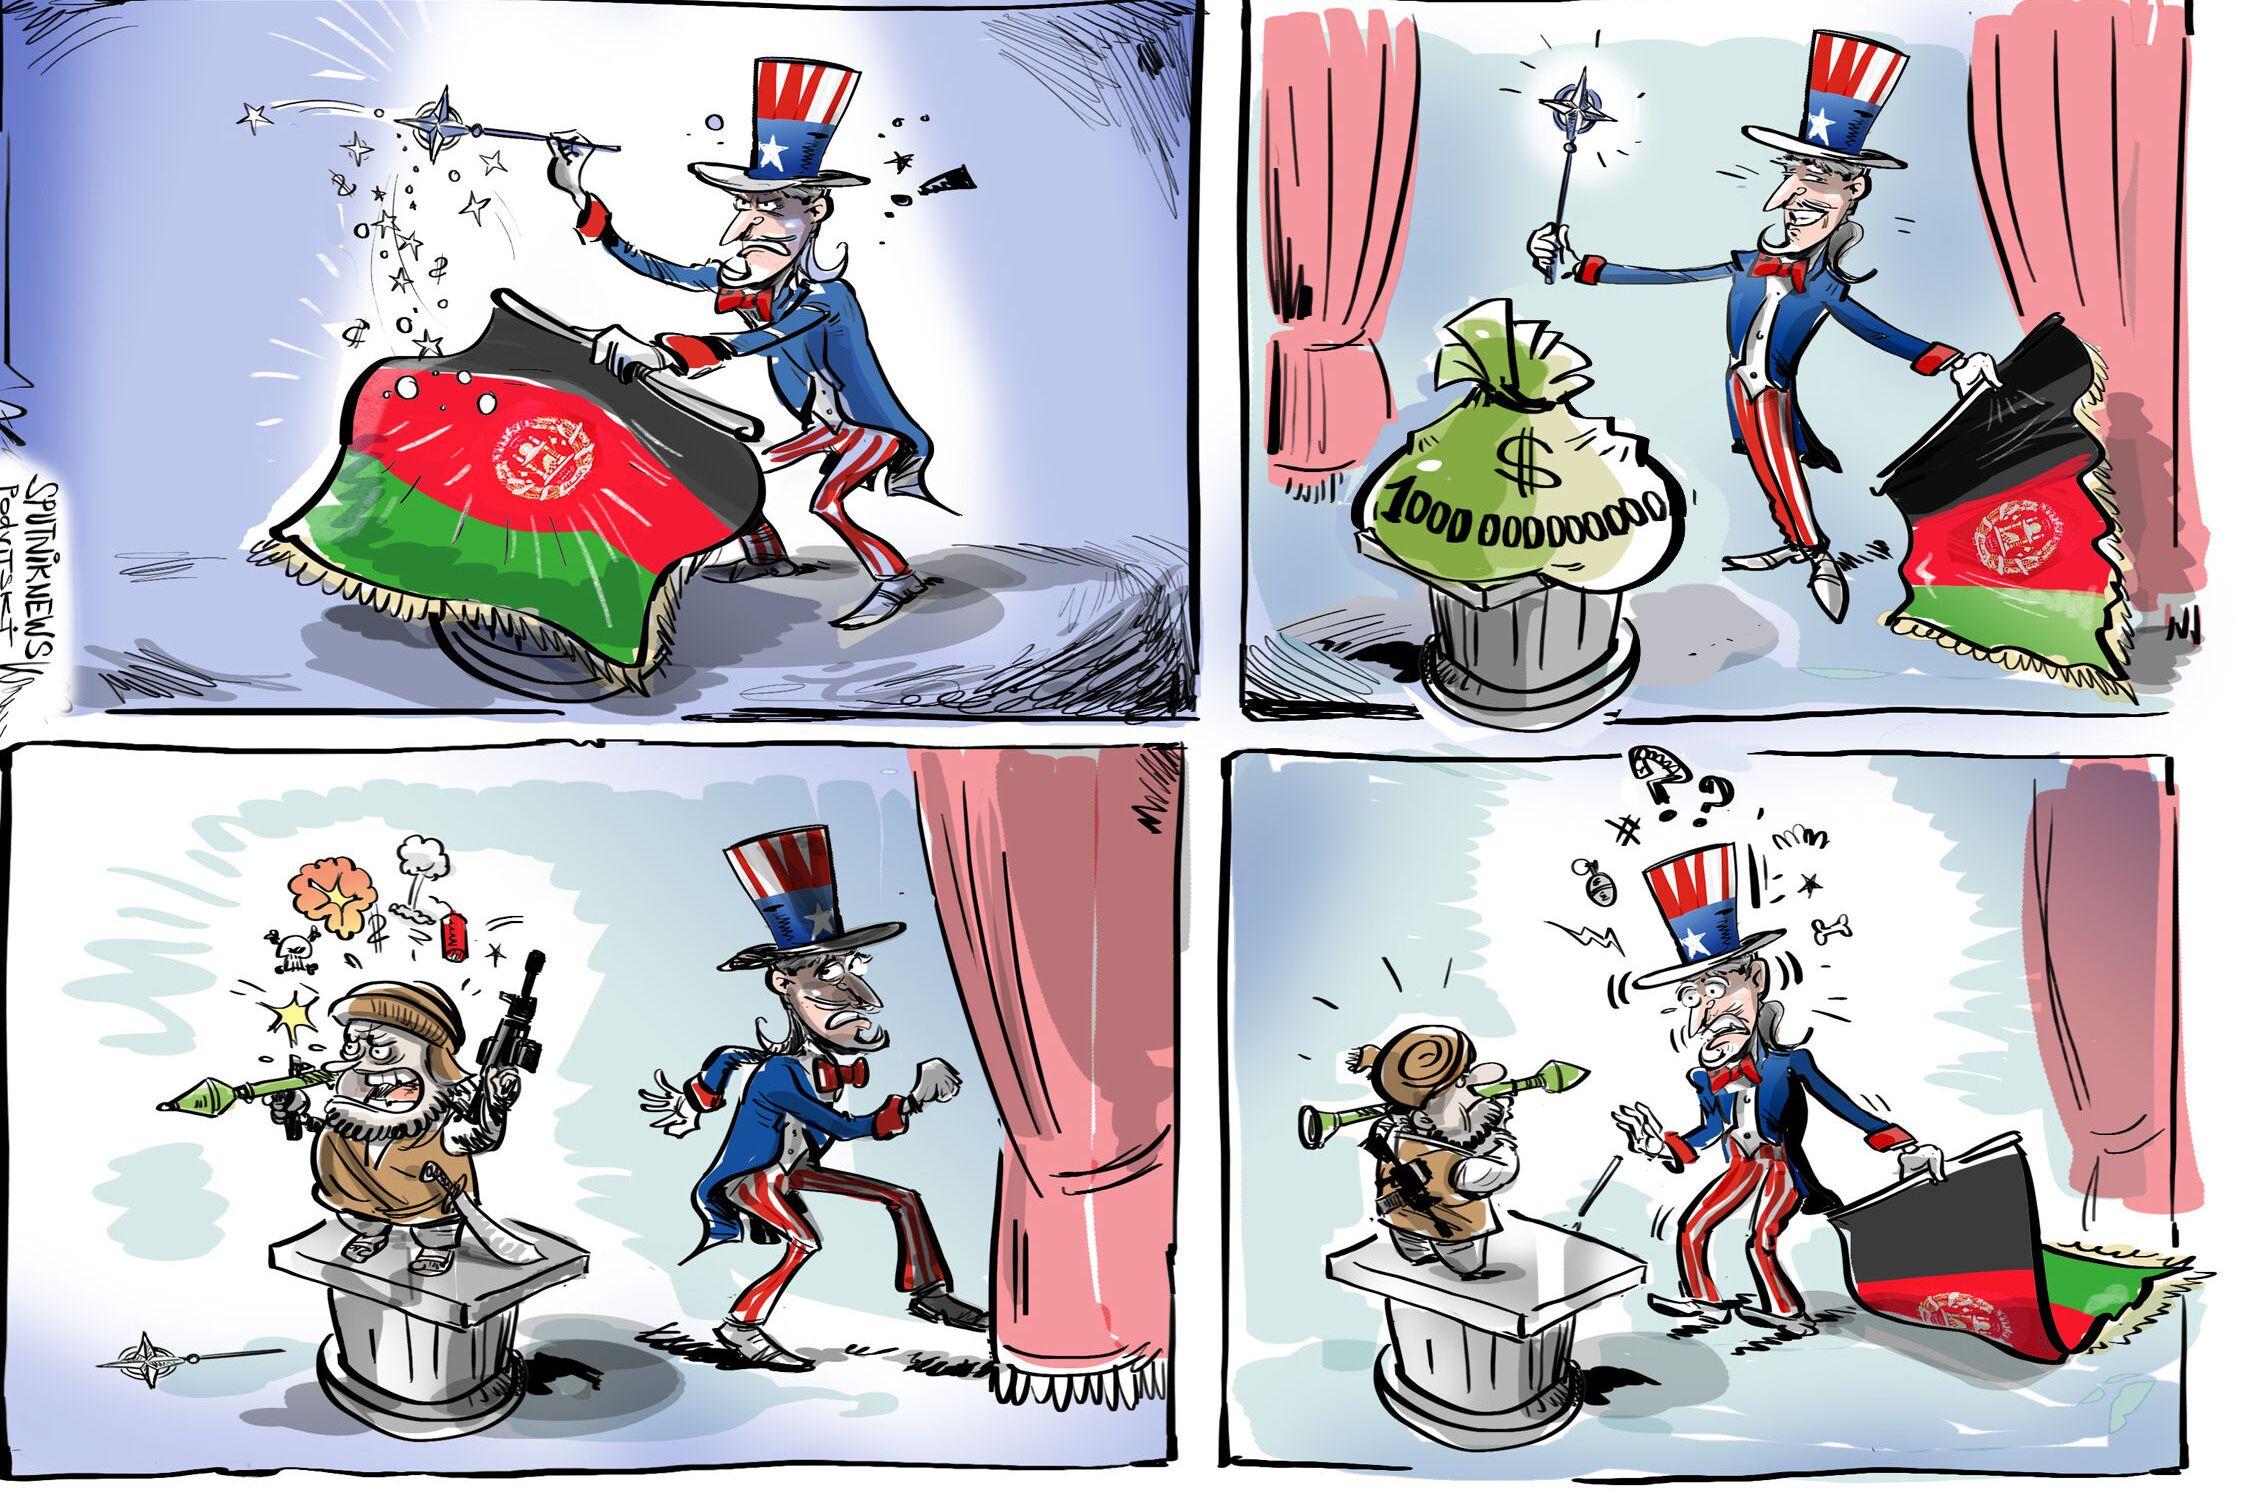 تريليون دولار الدولارات للعملية في أفغانستان دون فائدة